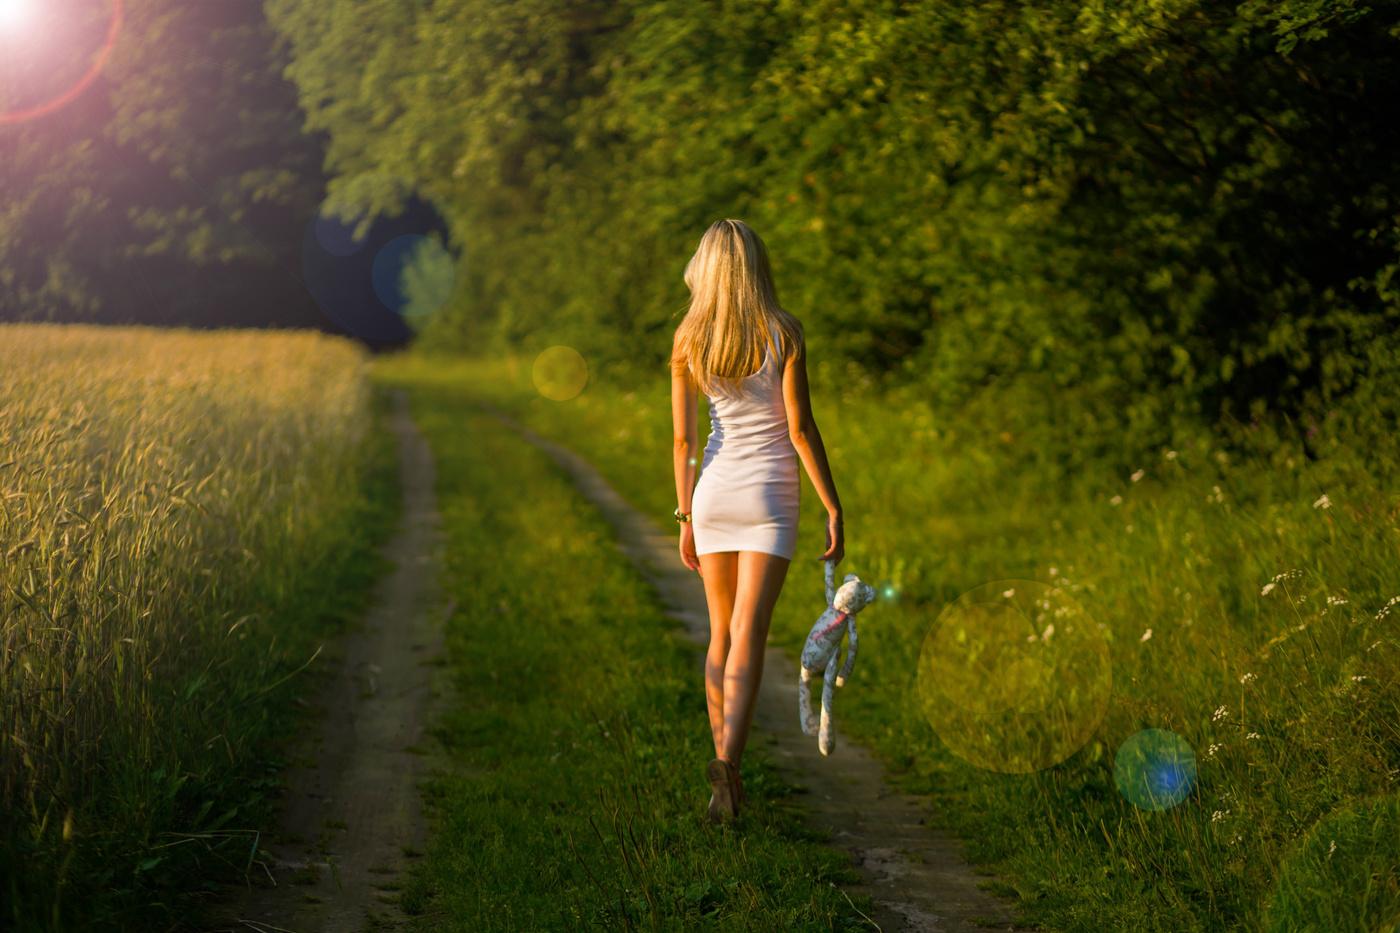 Одинокие женщины фото картинки